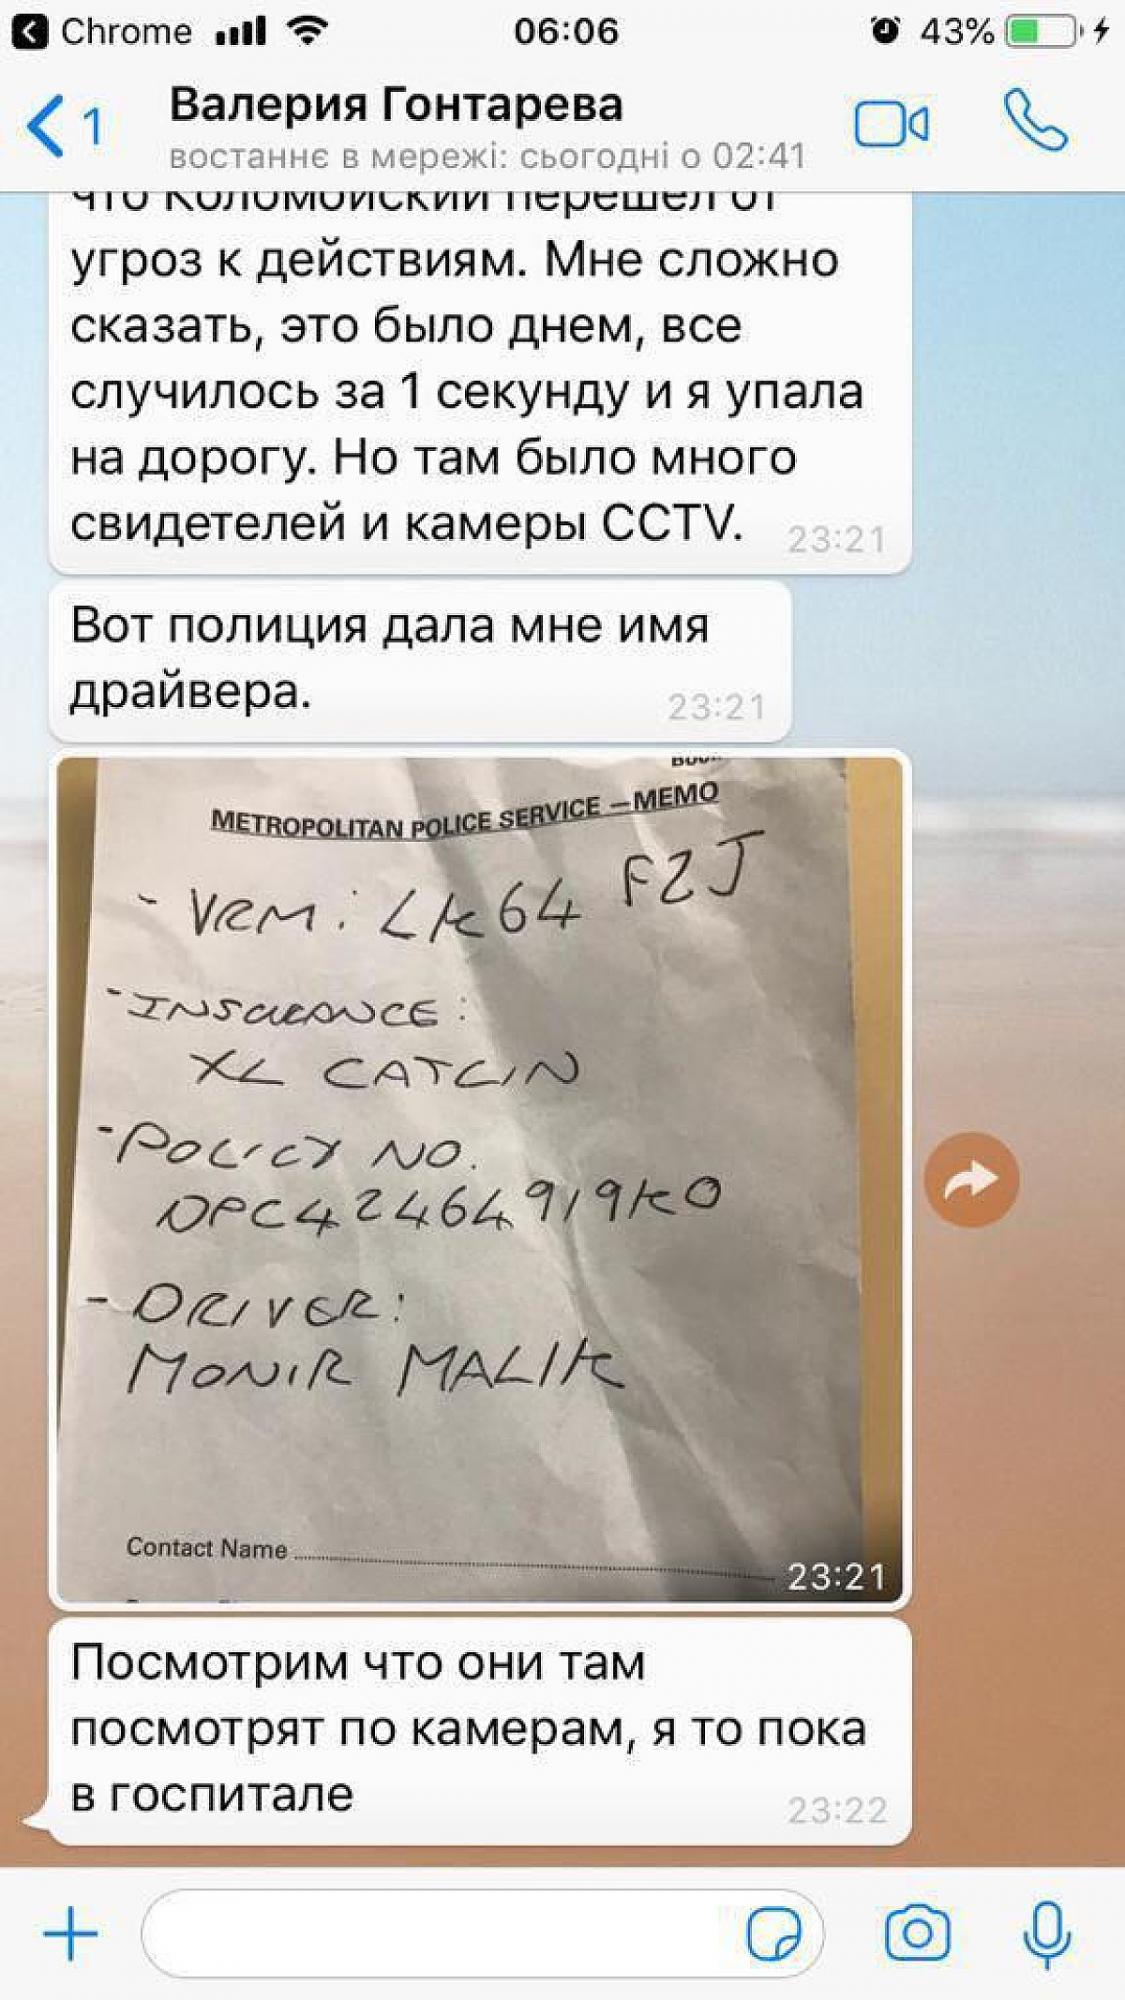 Було багато свідків: Гонтарєва розкрила деталі ДТП в Лондоні